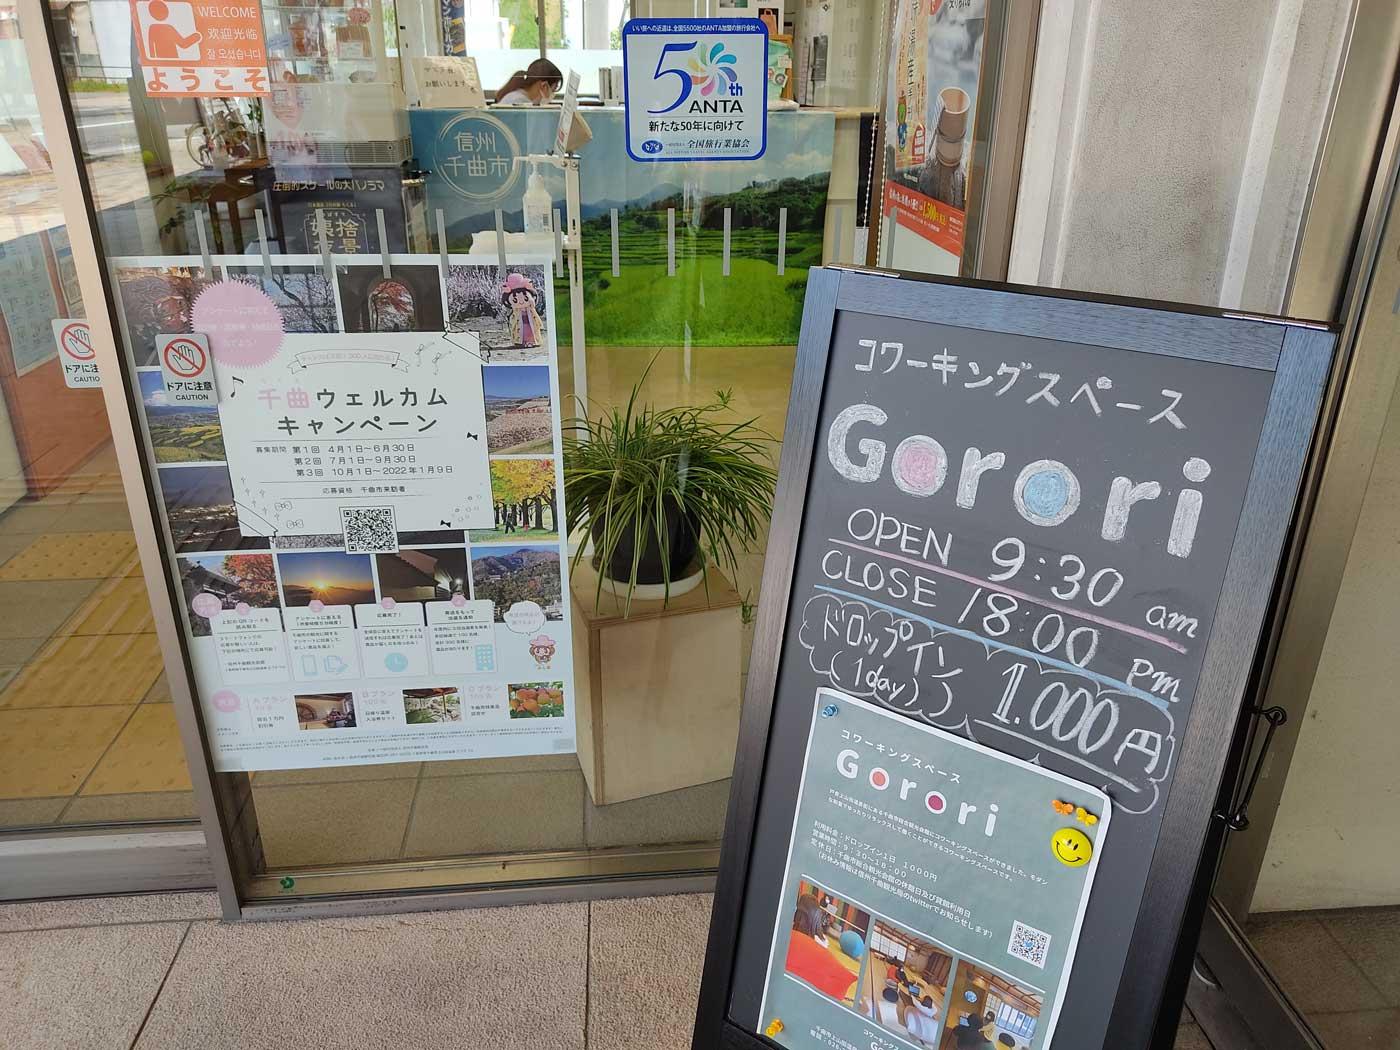 千曲市観光会館内 Gorori